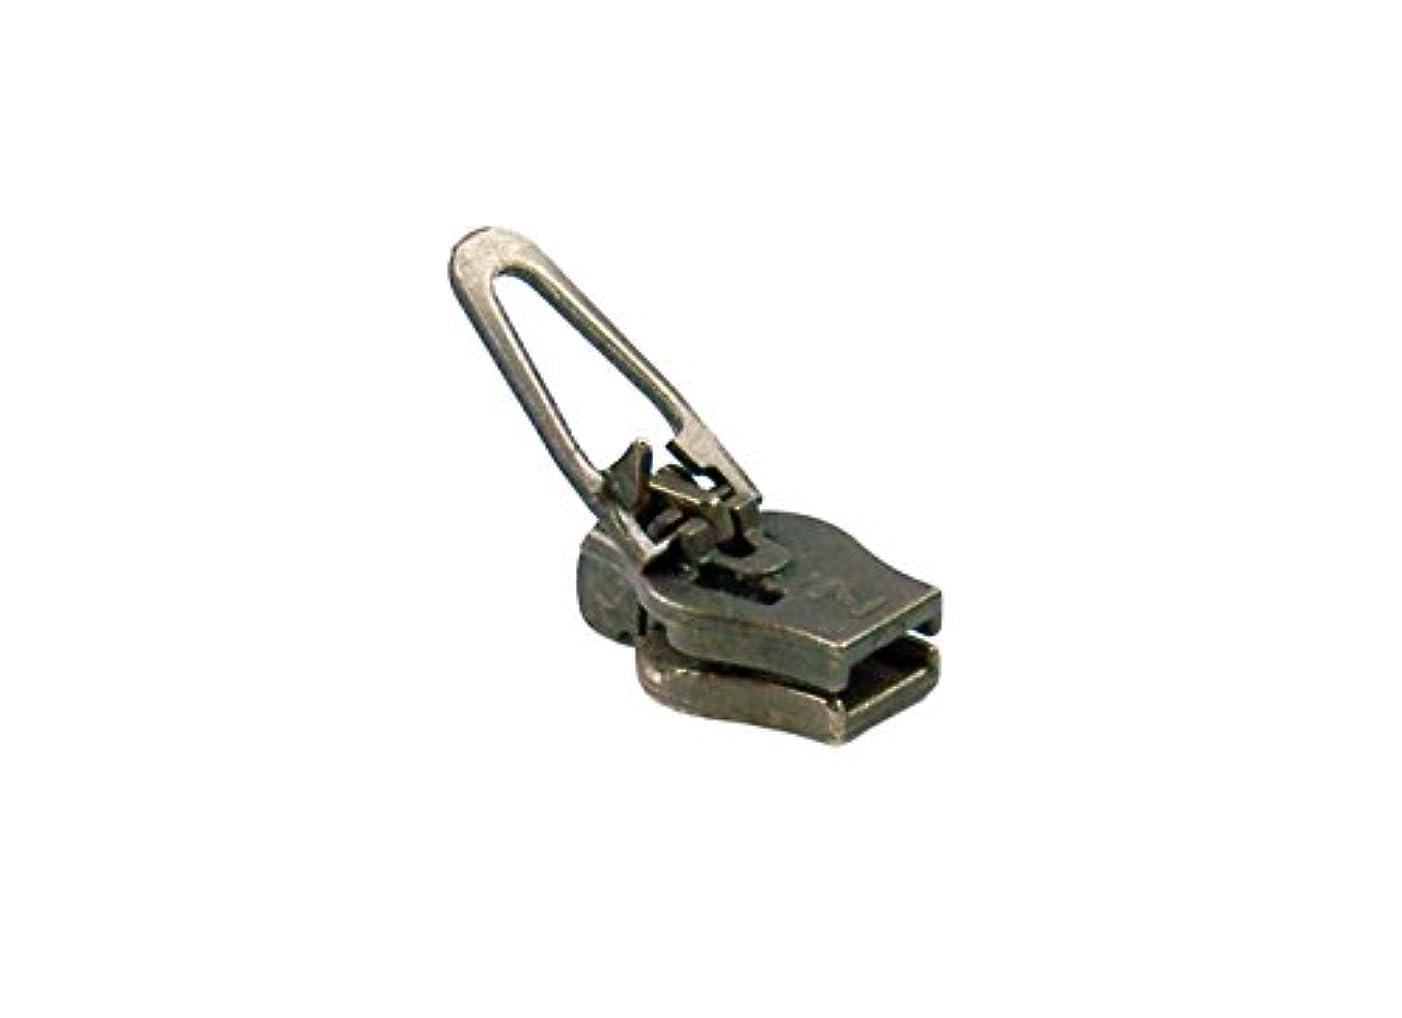 ZlideOn zipper 4c-2-2, old-brass